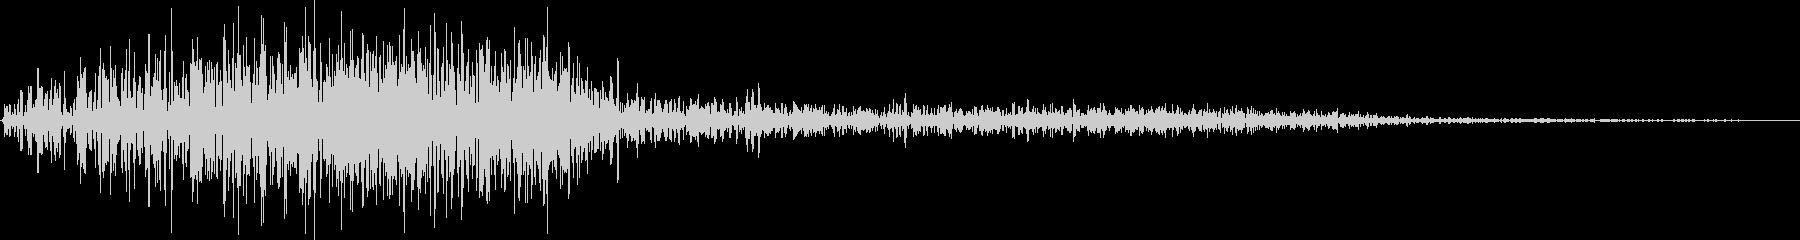 ブオン(ワープ 高速移動 素振り)の未再生の波形